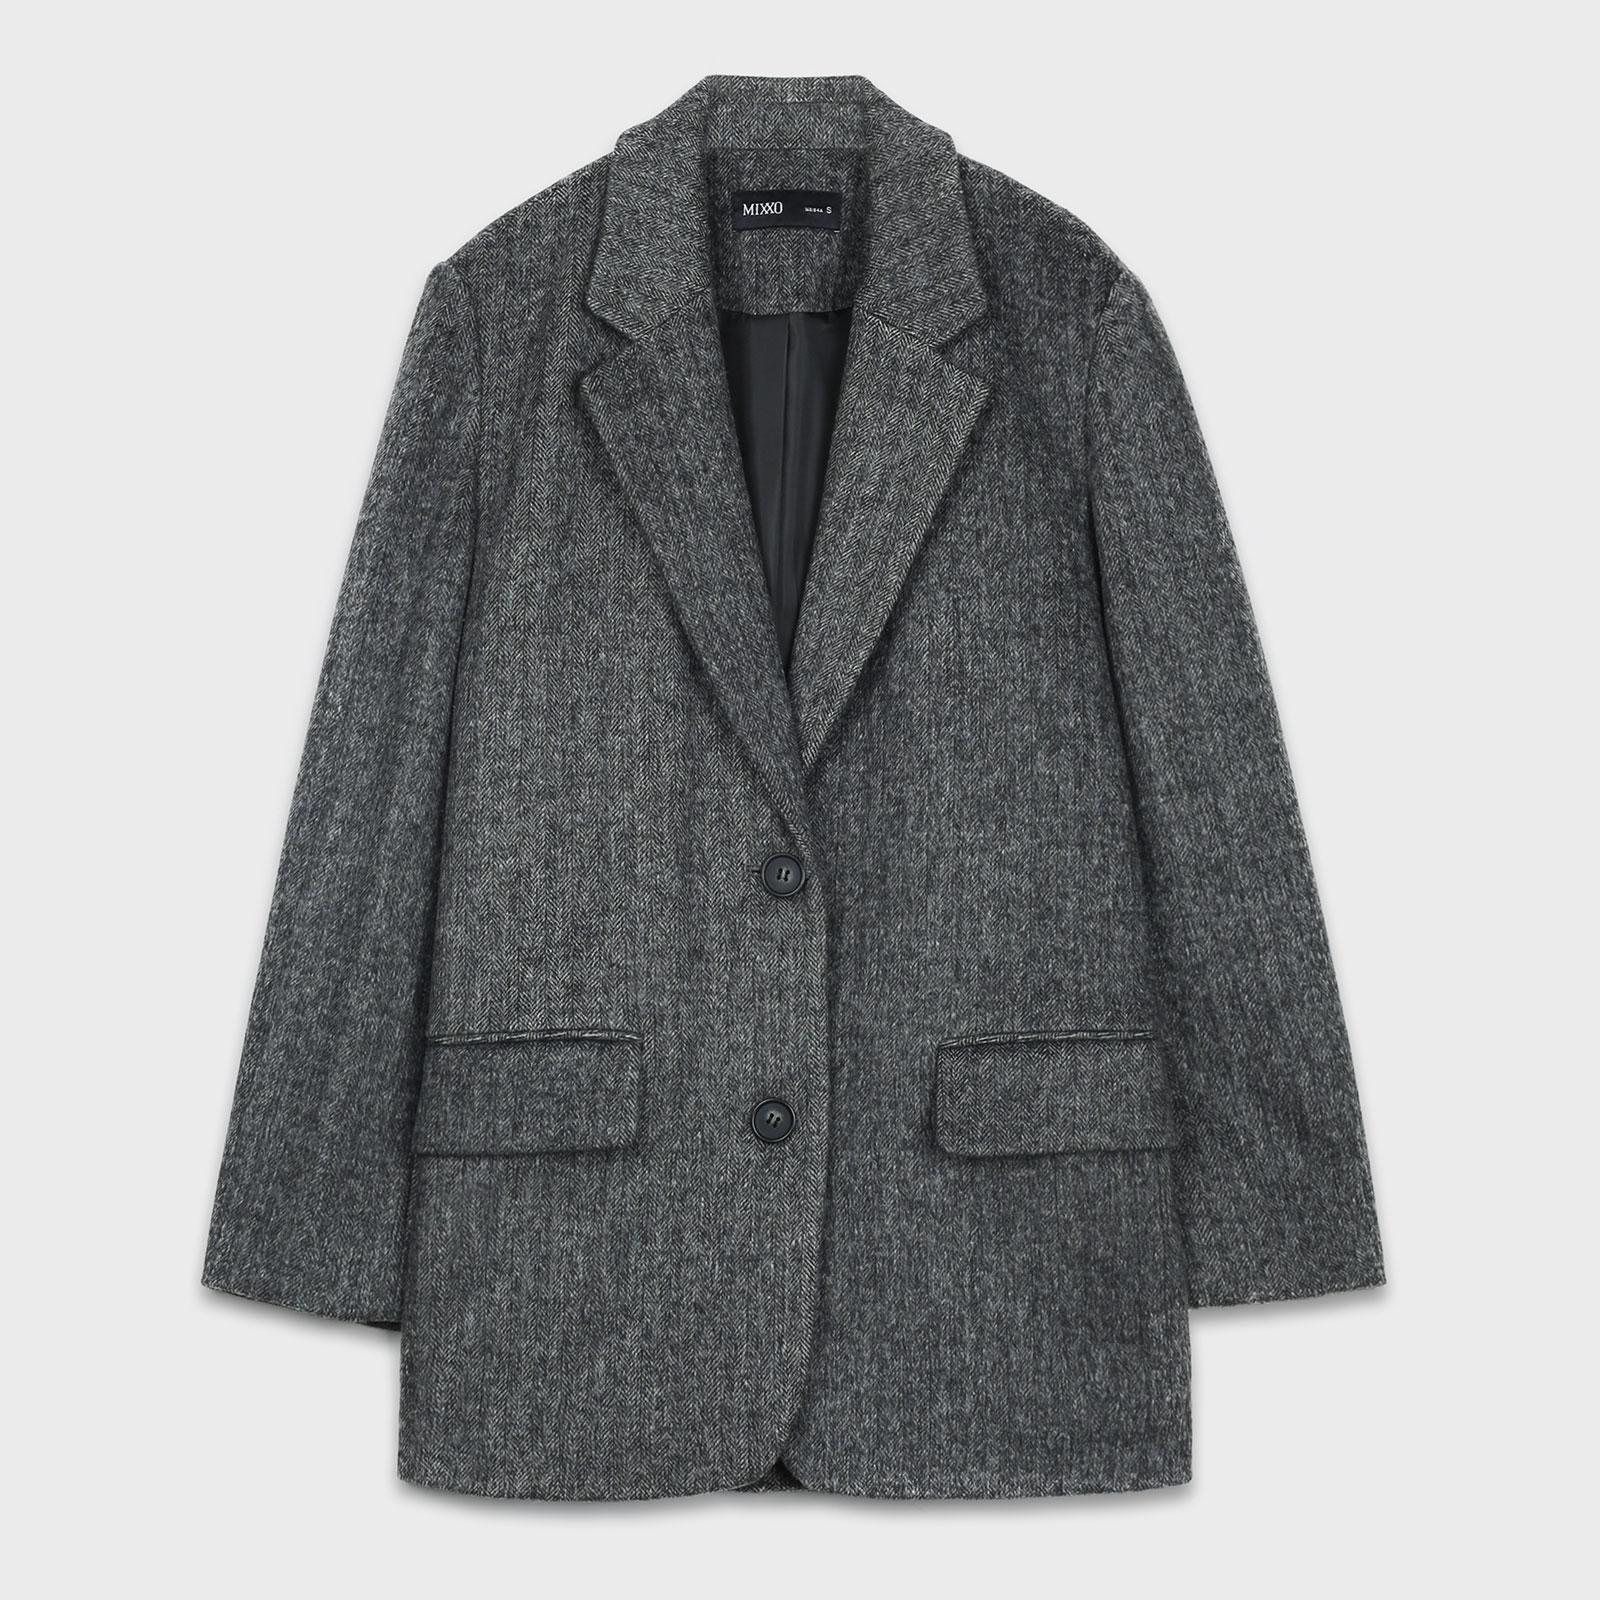 미쏘 여성용 헤링본 오버핏 싱글 자켓